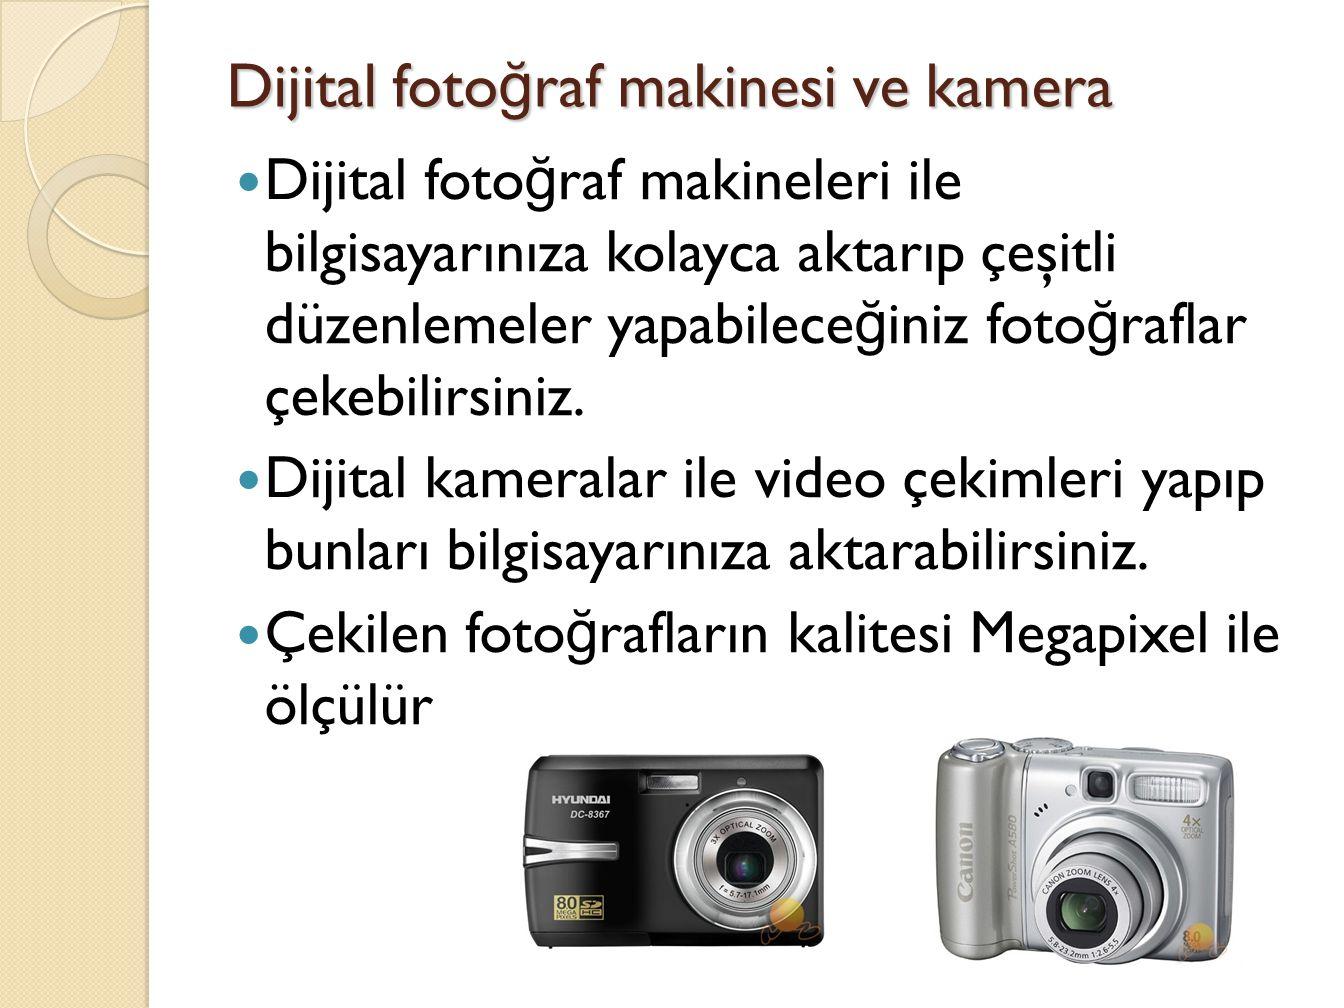 Dijital foto ğ raf makinesi ve kamera Dijital foto ğ raf makineleri ile bilgisayarınıza kolayca aktarıp çeşitli düzenlemeler yapabilece ğ iniz foto ğ raflar çekebilirsiniz.